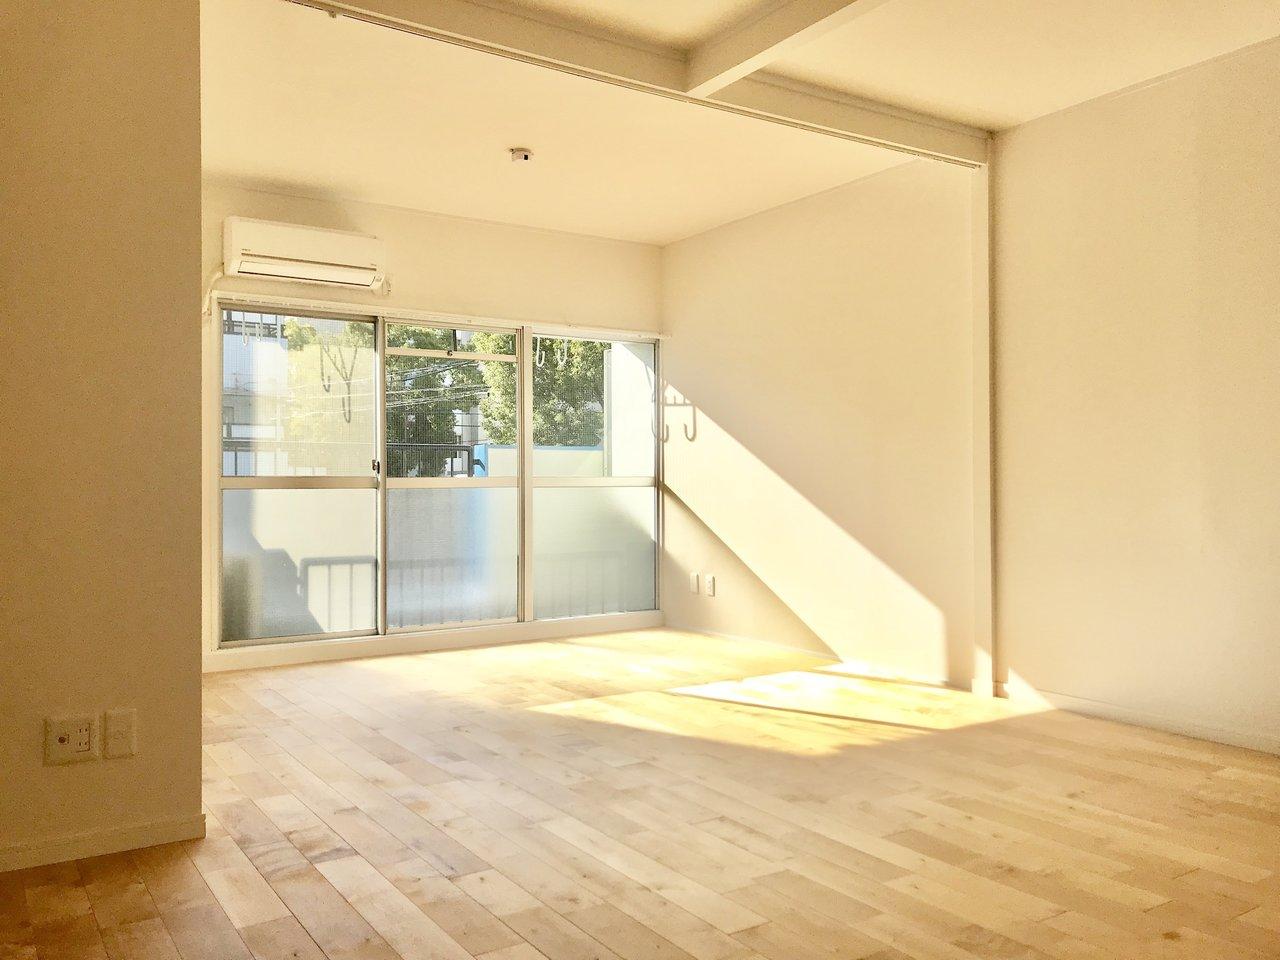 お日様の光もたっぷり差し込む、気持ちがよくなるお部屋です。